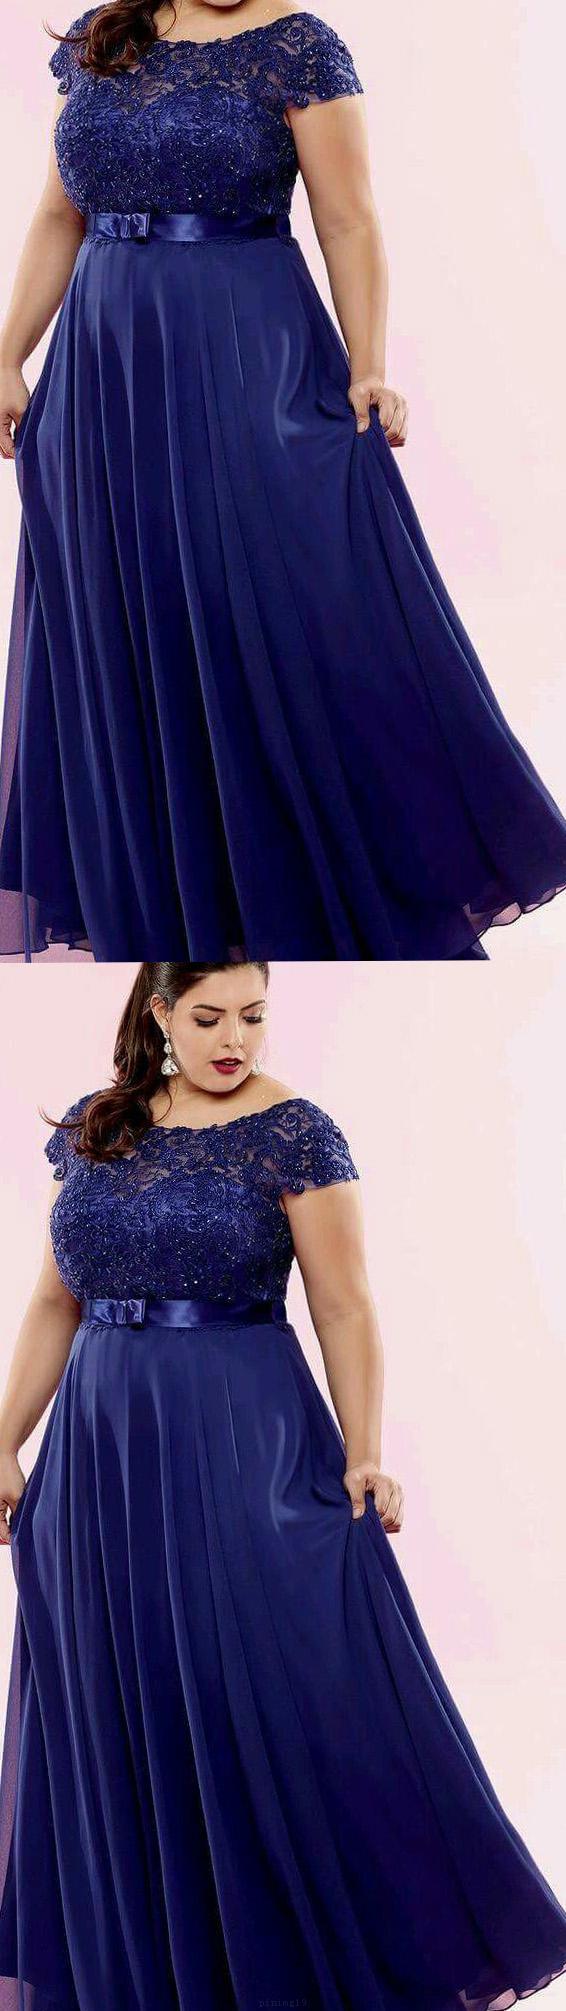 Cheap applique royal blue prom dresses feminine long bateau short